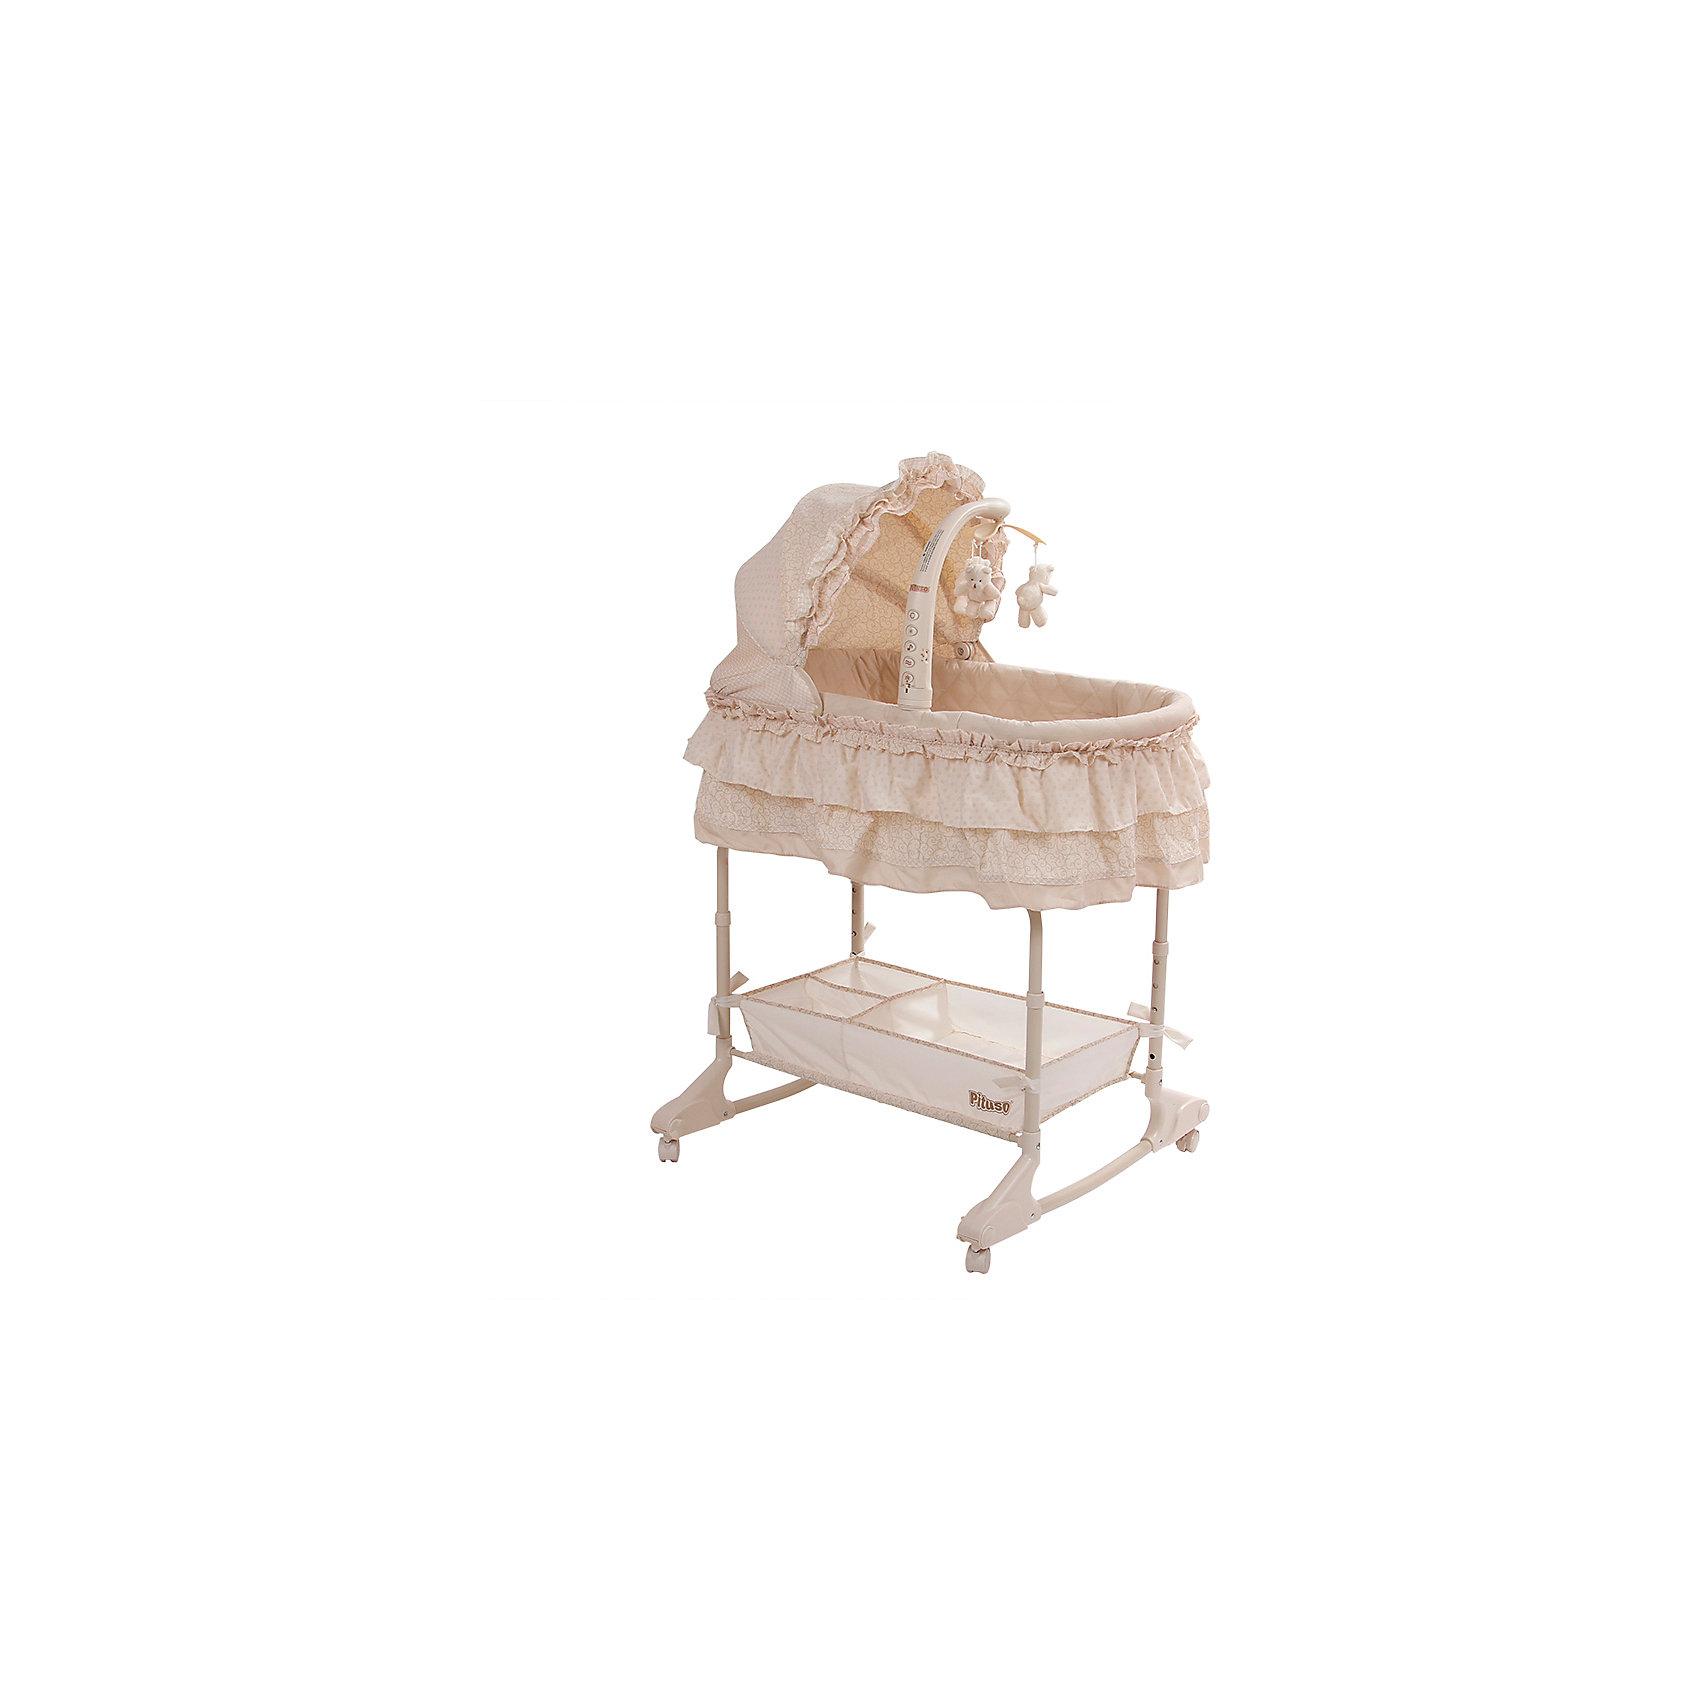 Колыбель-качалка Sambra 4 в 1, Pituso, кремовыйКолыбели-люльки для новорожденных<br>Характеристики товара:<br><br>• возраст: с рождения;<br>• материал: пластик, текстиль;<br>• в комплекте: кровать, музыкальный мобиль, корзинка для вещей, матрас;<br>• тип батареек: батарейки АА;<br>• наличие батареек: в комплект не входят;<br>• размер кровати: 115х88х73 см;<br>• вес кровати: 9,8 кг;<br>• страна производитель: Китай.<br><br>Колыбель-качалка Pituso Sambra 4 в 1 кремовая станет уютным местом для сна для малыша с первых дней жизни. Колеса со стопорами облегчают перемещение по квартире. Если снять колеса, то кроватка может использоваться как качалка для укачивания крохи. Высота регулируется в 5 положениях. Кроватка легко трансформируется в пеленальный столик<br><br>Кроватка оснащена музыкальным мобилем с подвесными игрушками. Вибрация и музыкальные композиции помогут убаюкать малыша. А ночью можно включить подсветку и огоньки. Внизу расположена большая корзинка для вещей, игрушек, подгузников, полотенец.<br><br>Колыбель-качалку Pituso Sambra 4 в 1 кремовую можно приобрести в нашем интернет-магазине.<br><br>Ширина мм: 880<br>Глубина мм: 490<br>Высота мм: 130<br>Вес г: 9500<br>Возраст от месяцев: 0<br>Возраст до месяцев: 36<br>Пол: Унисекс<br>Возраст: Детский<br>SKU: 5582057